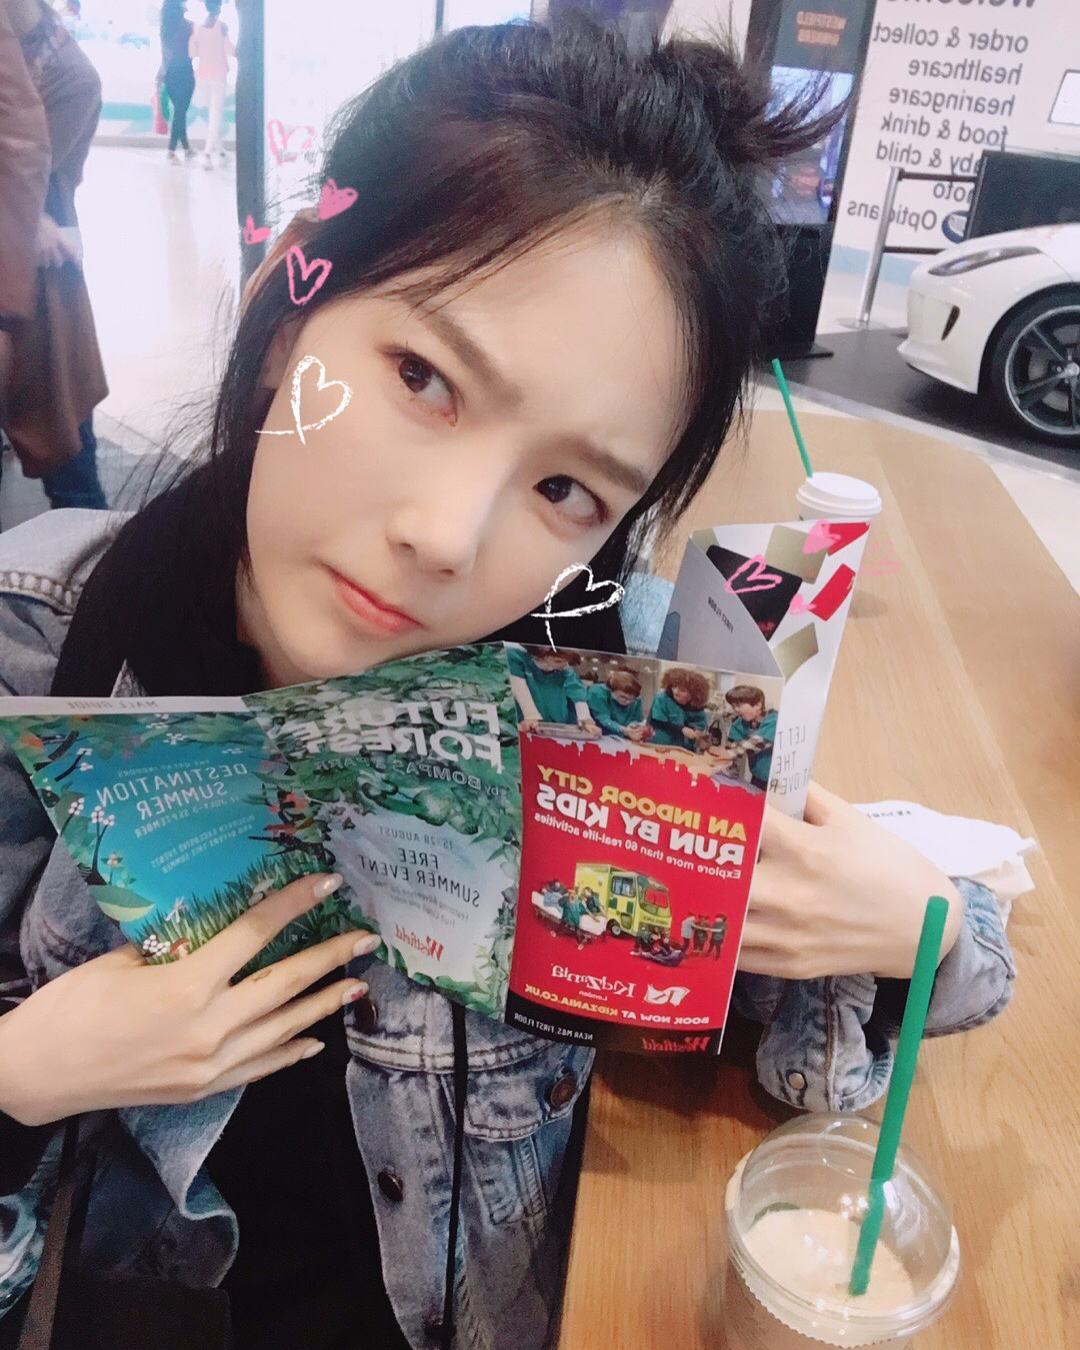 隊長太妍也用了閒暇空逾的時間到英國旅行,也PO了許多照片在 instagram和粉絲們分享...